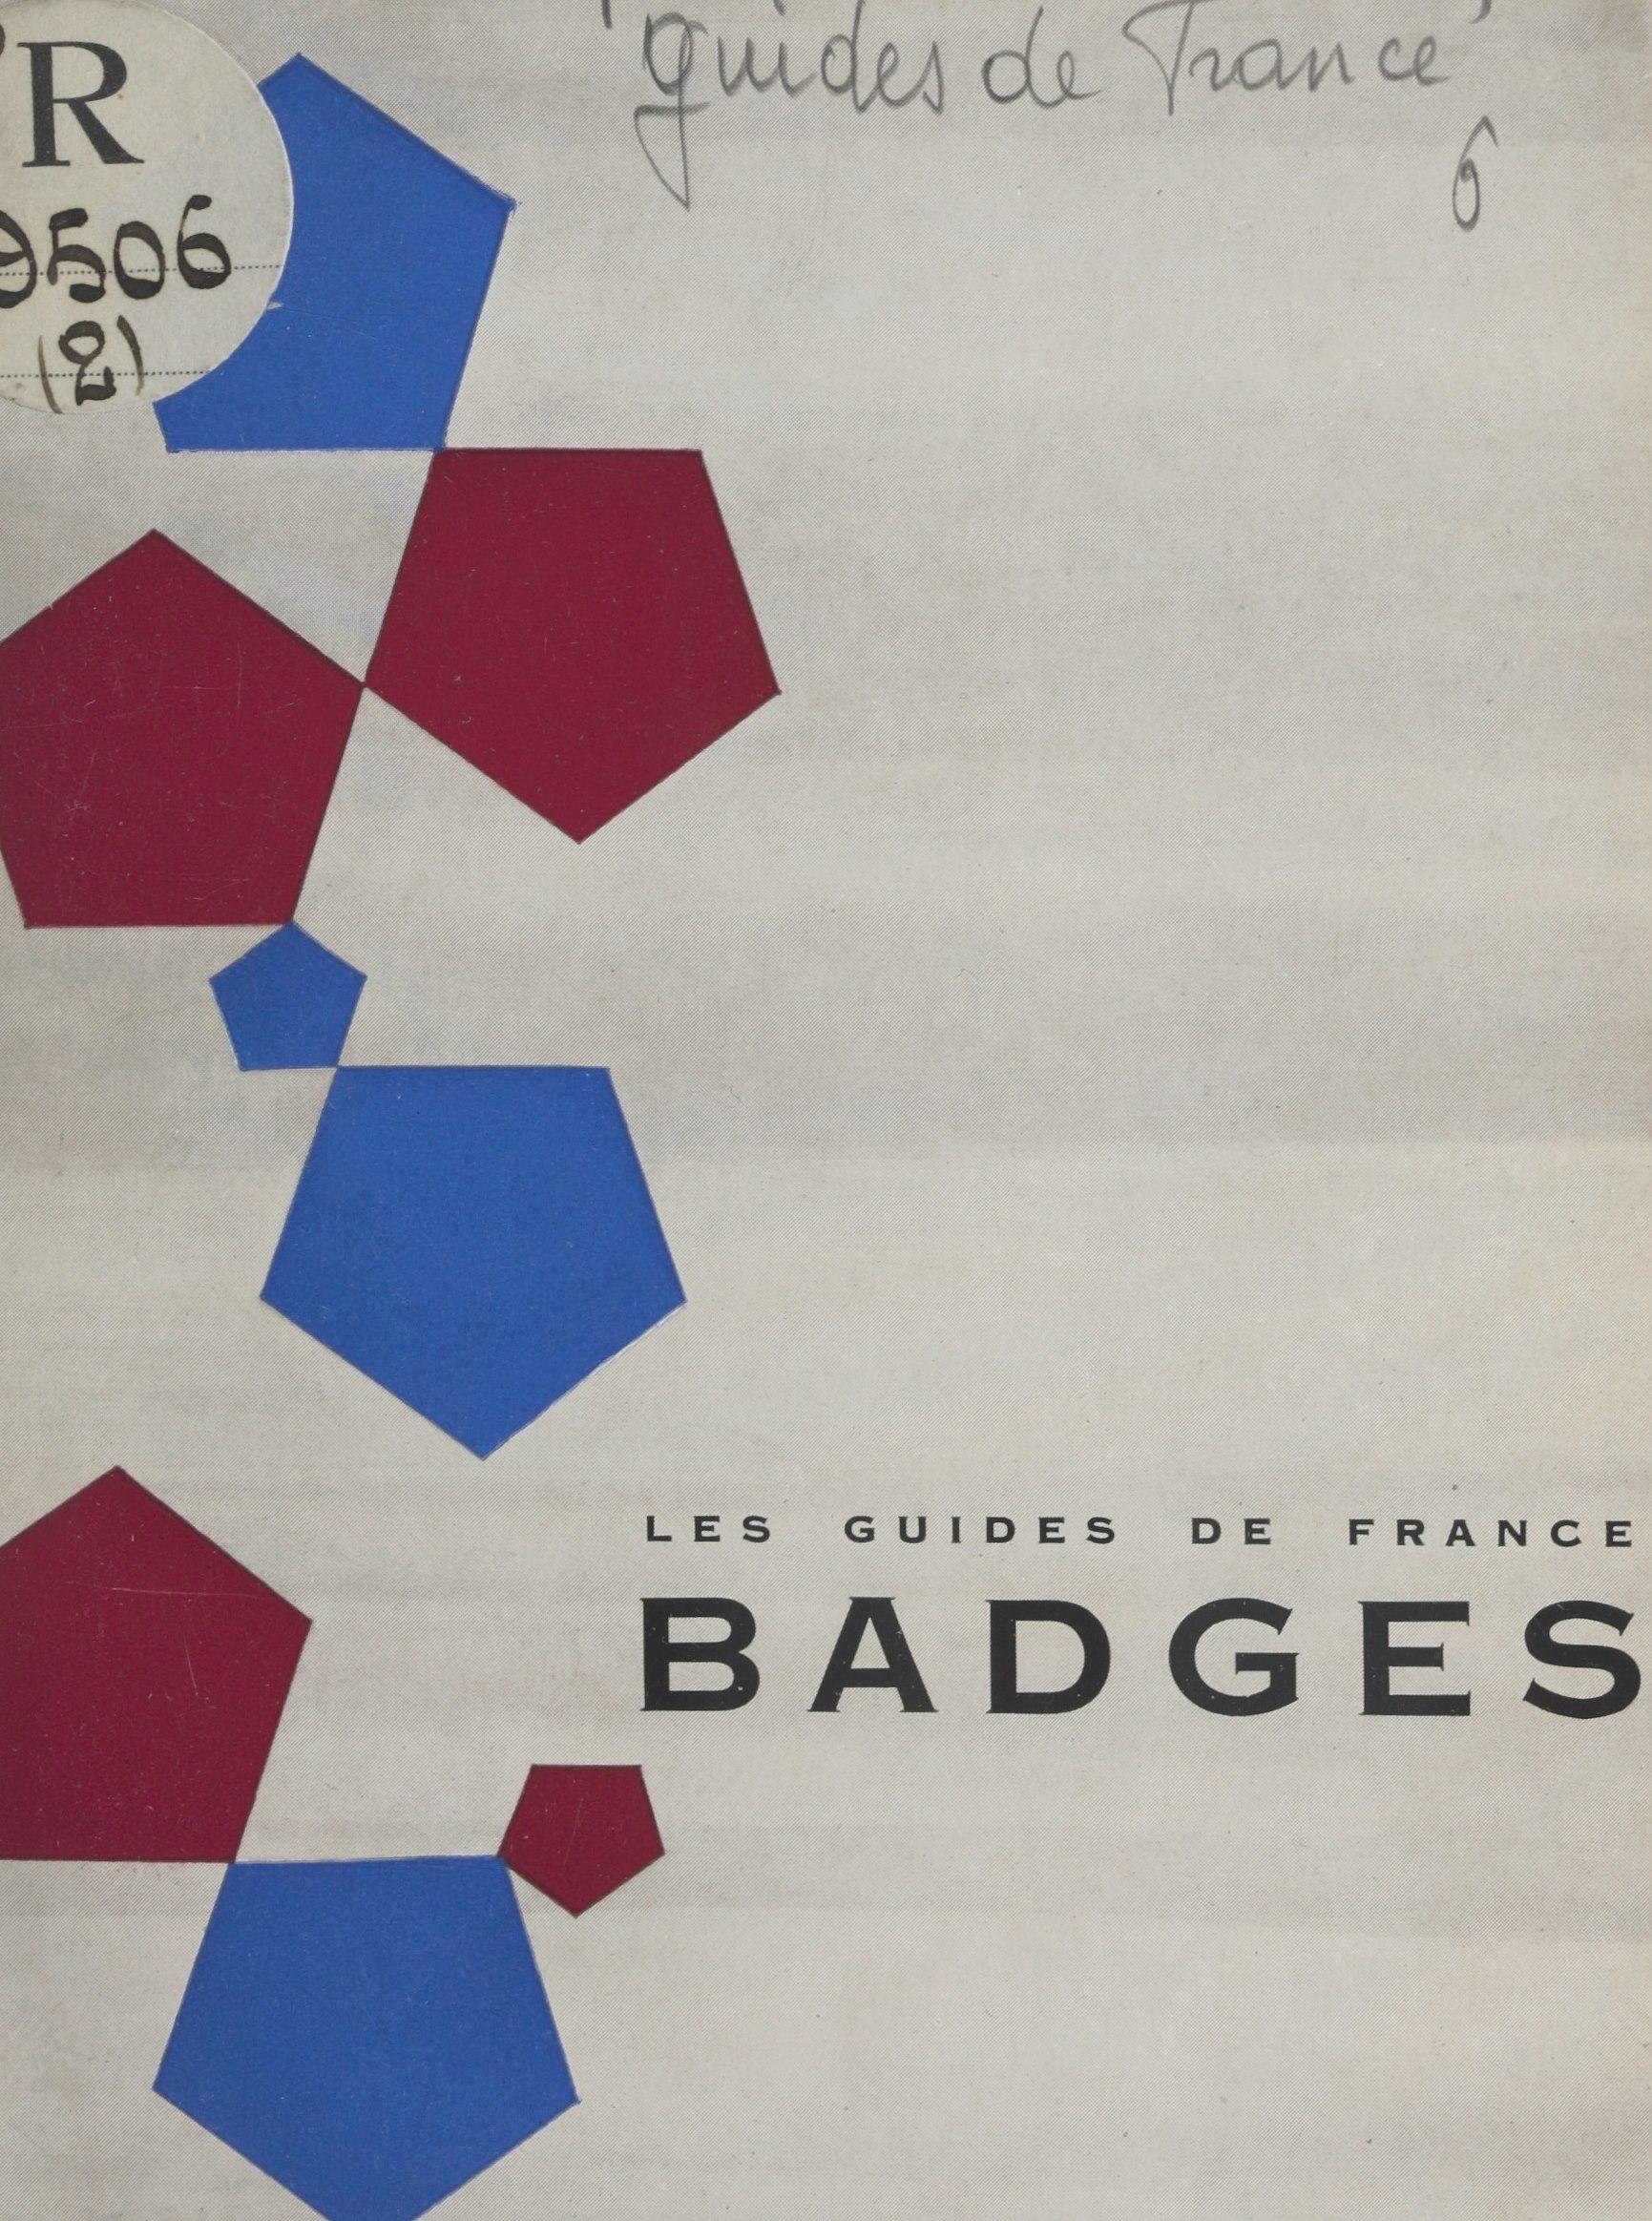 Les Guides de France : badges